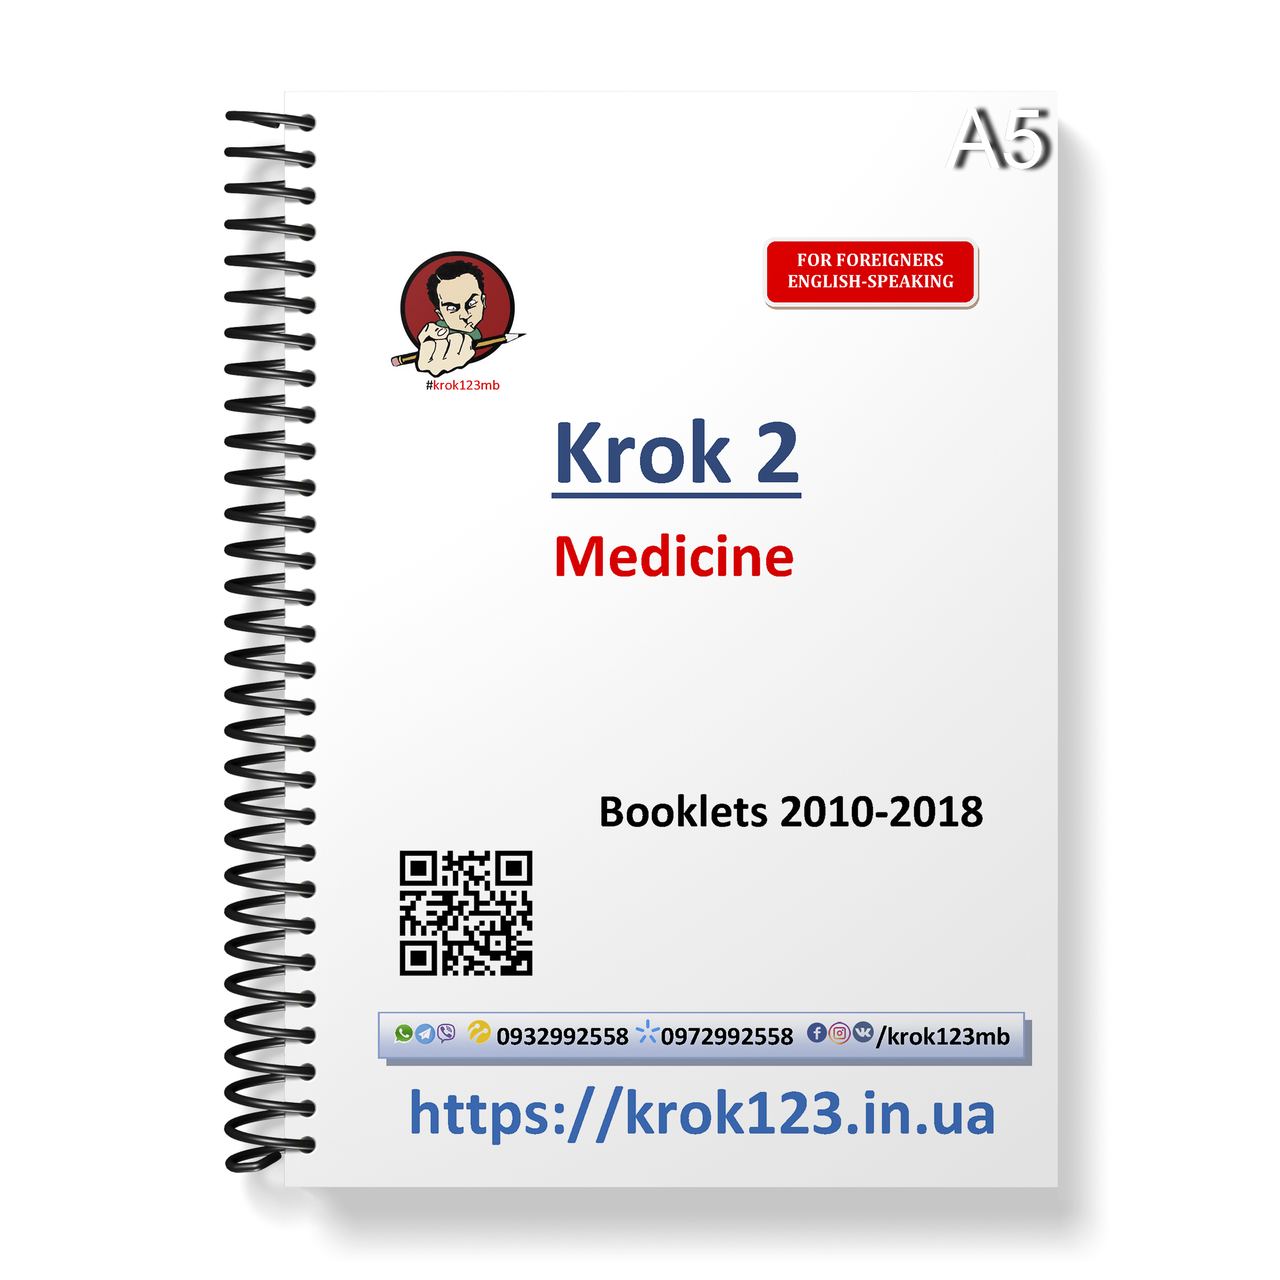 Крок 2. Общая врачебная подготовка. Буклеты 2010-2018 . Для иностранцев англоязычных. Формат А5